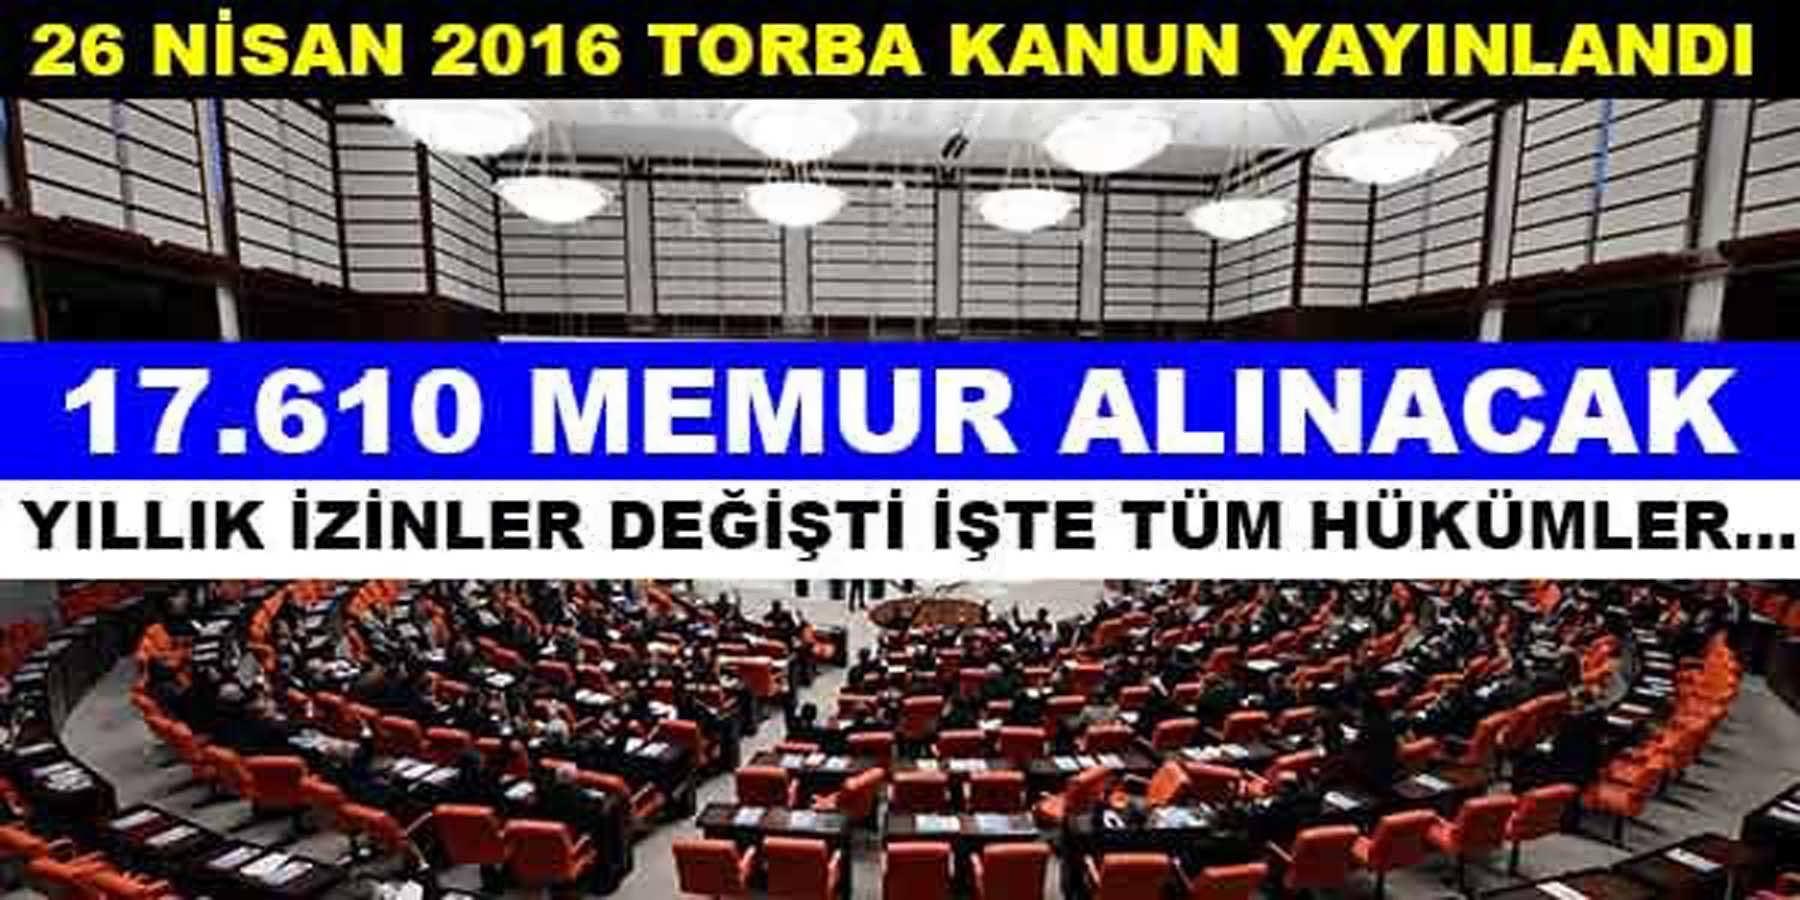 Torba Kanun Yayınlandı 17 Bin 610 Memur Alımı Yapılacak